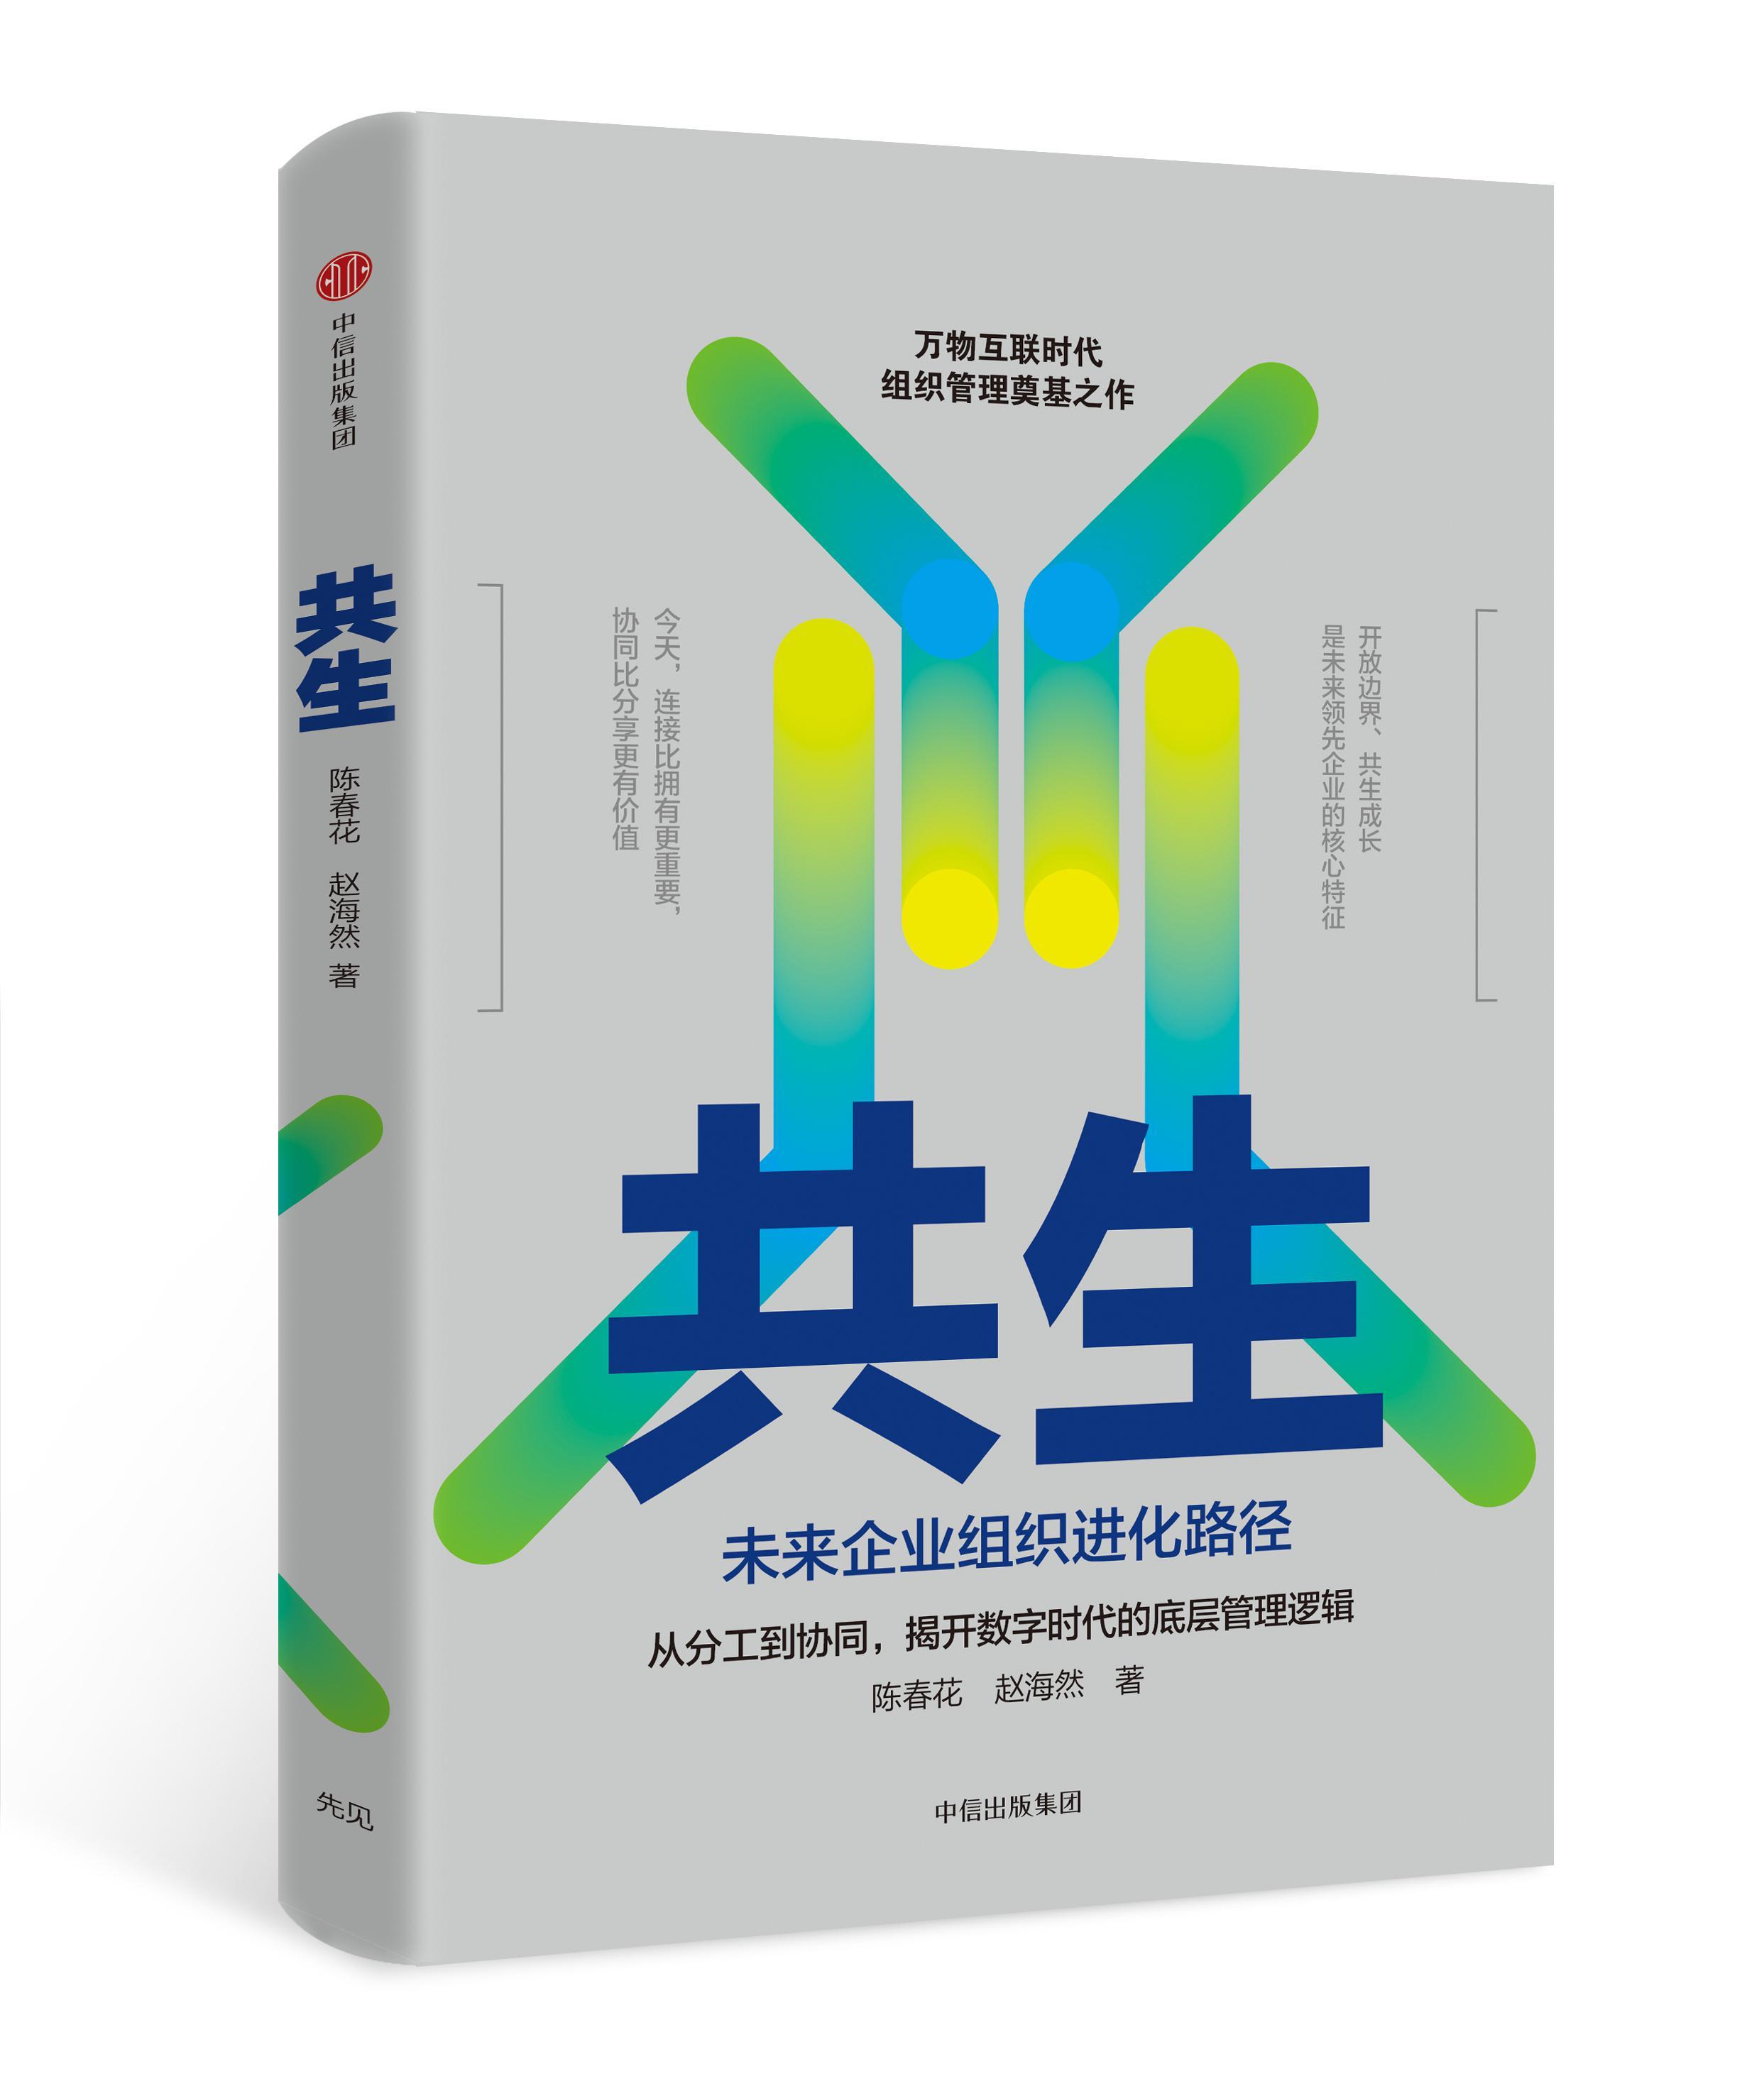 陈春花教授新作《共生》上市 解码未来组织进化路径